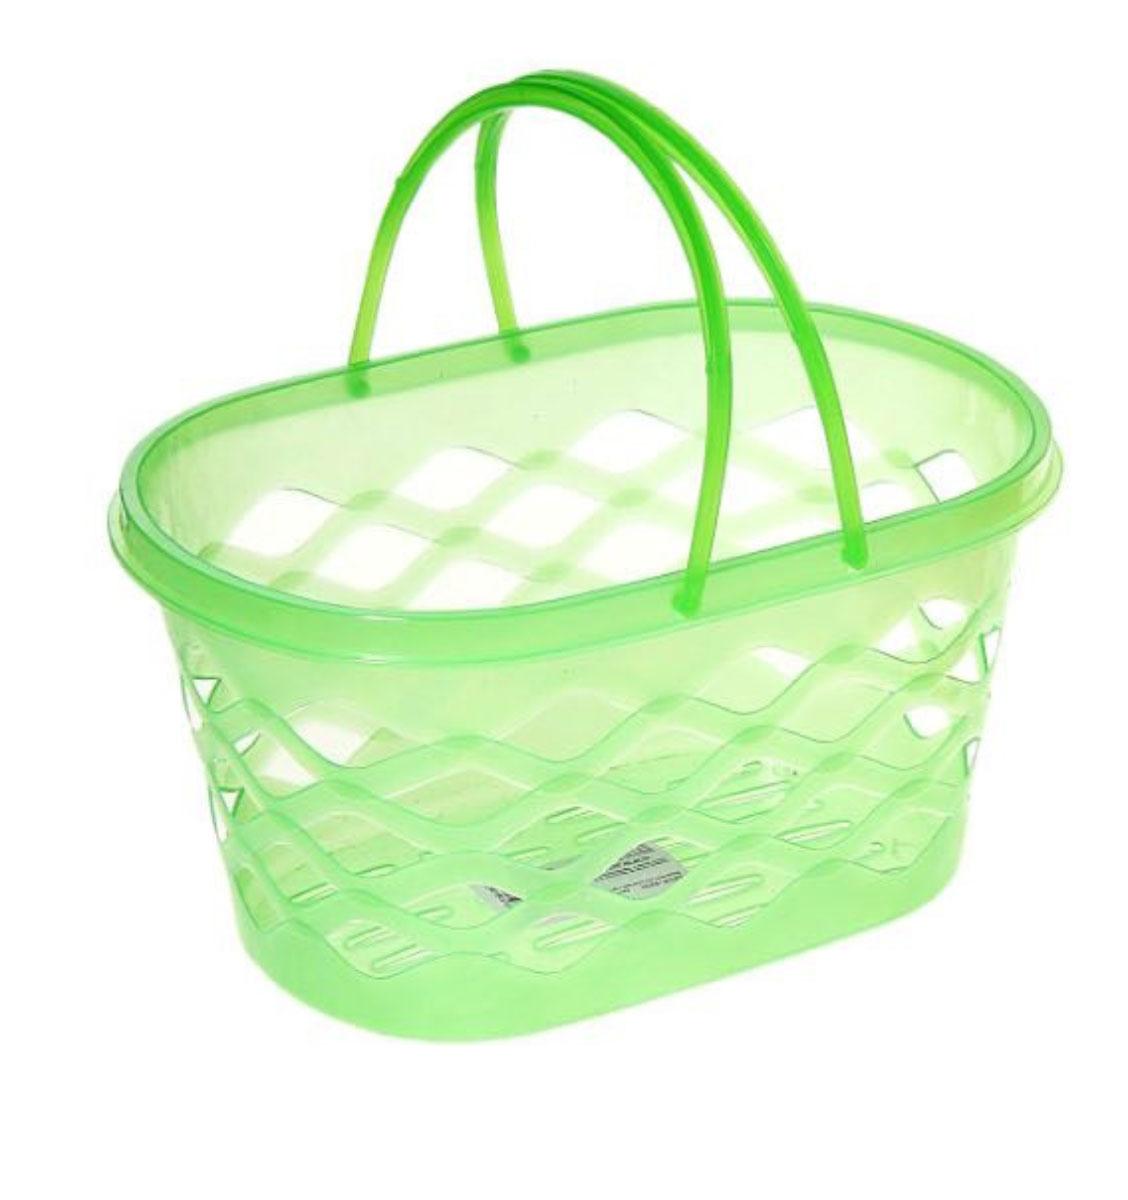 Корзинка для мелочей с ручками,цвет: зеленый, 24 x 16 x 12 см184987_зеленый